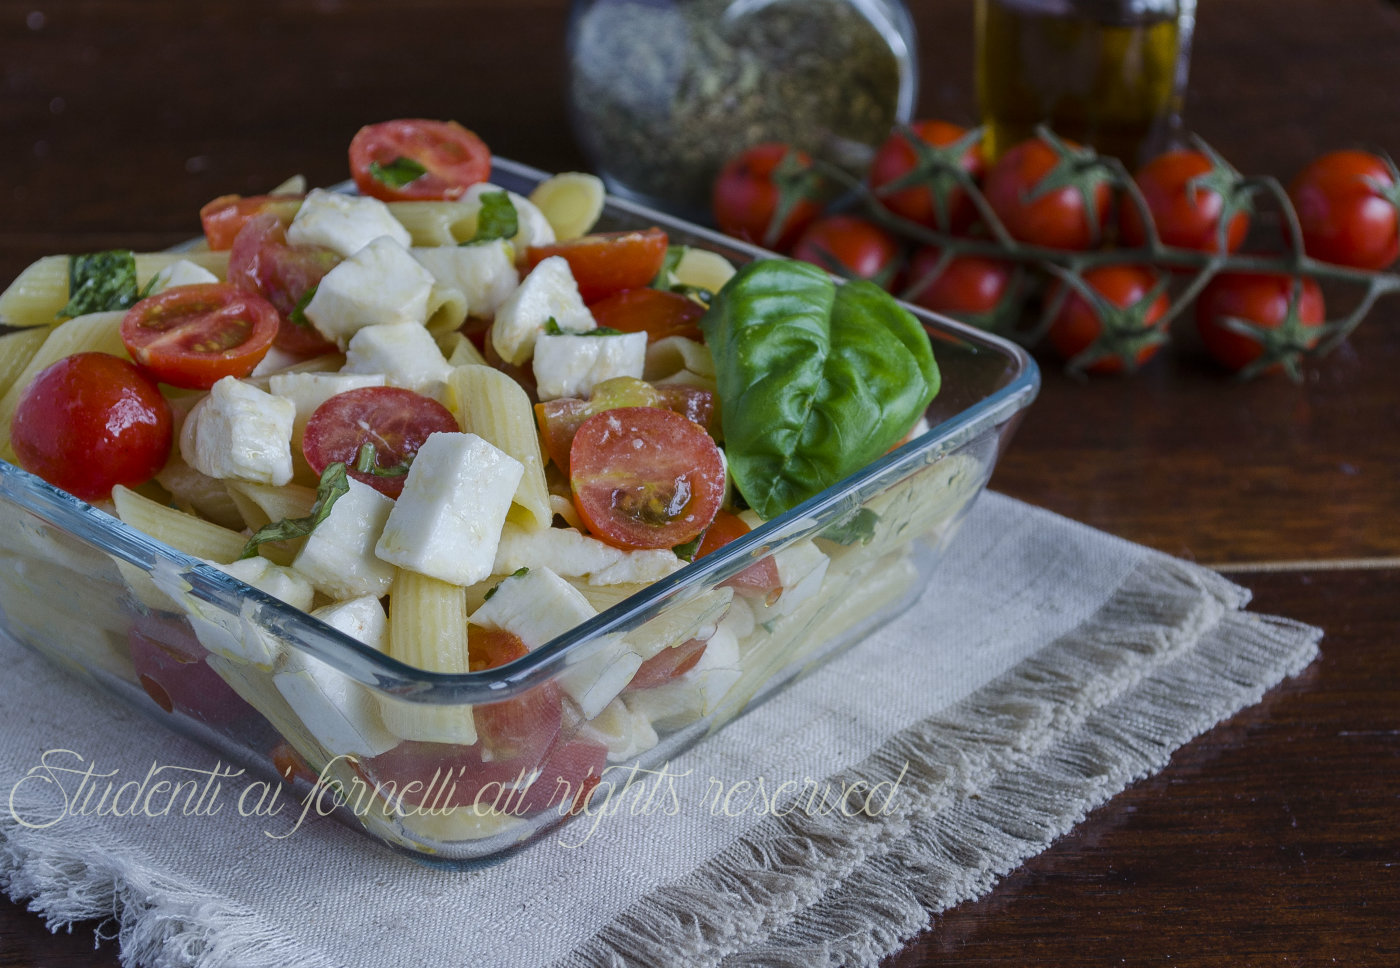 Estremamente Pennette alla caprese con pomodorini e mozzarella, ricetta JD29